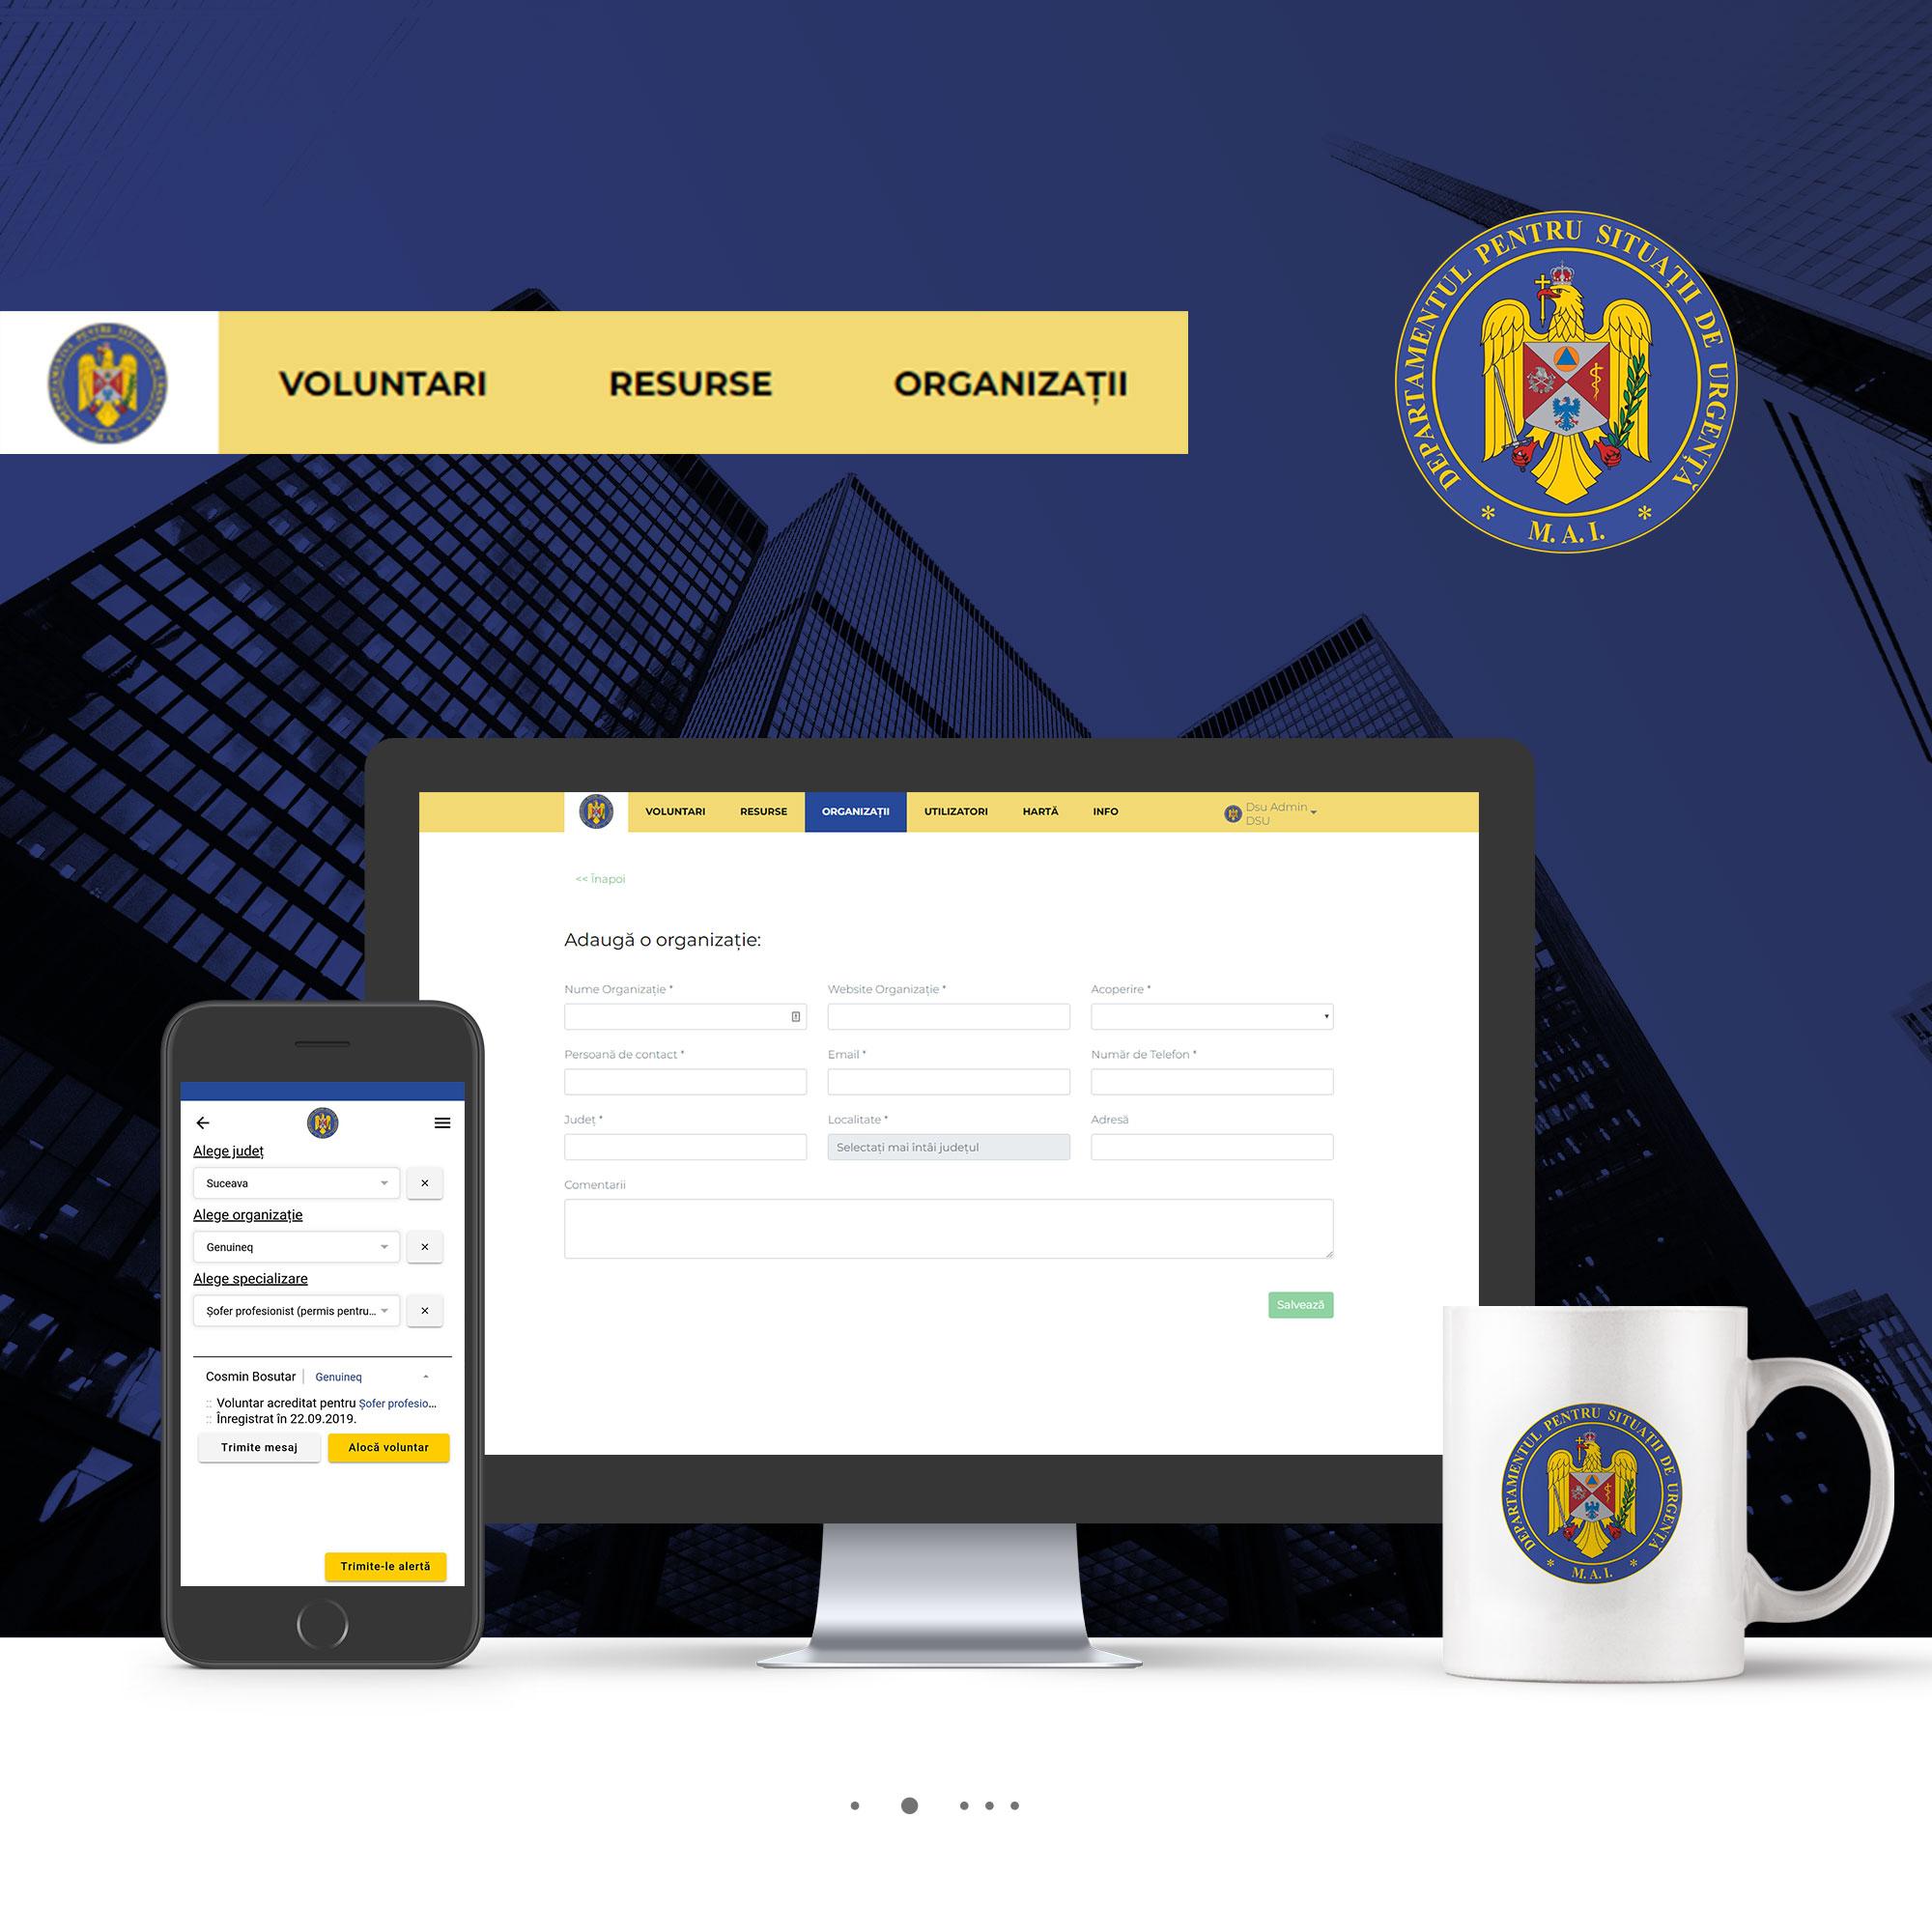 Resource & Volunteer Management